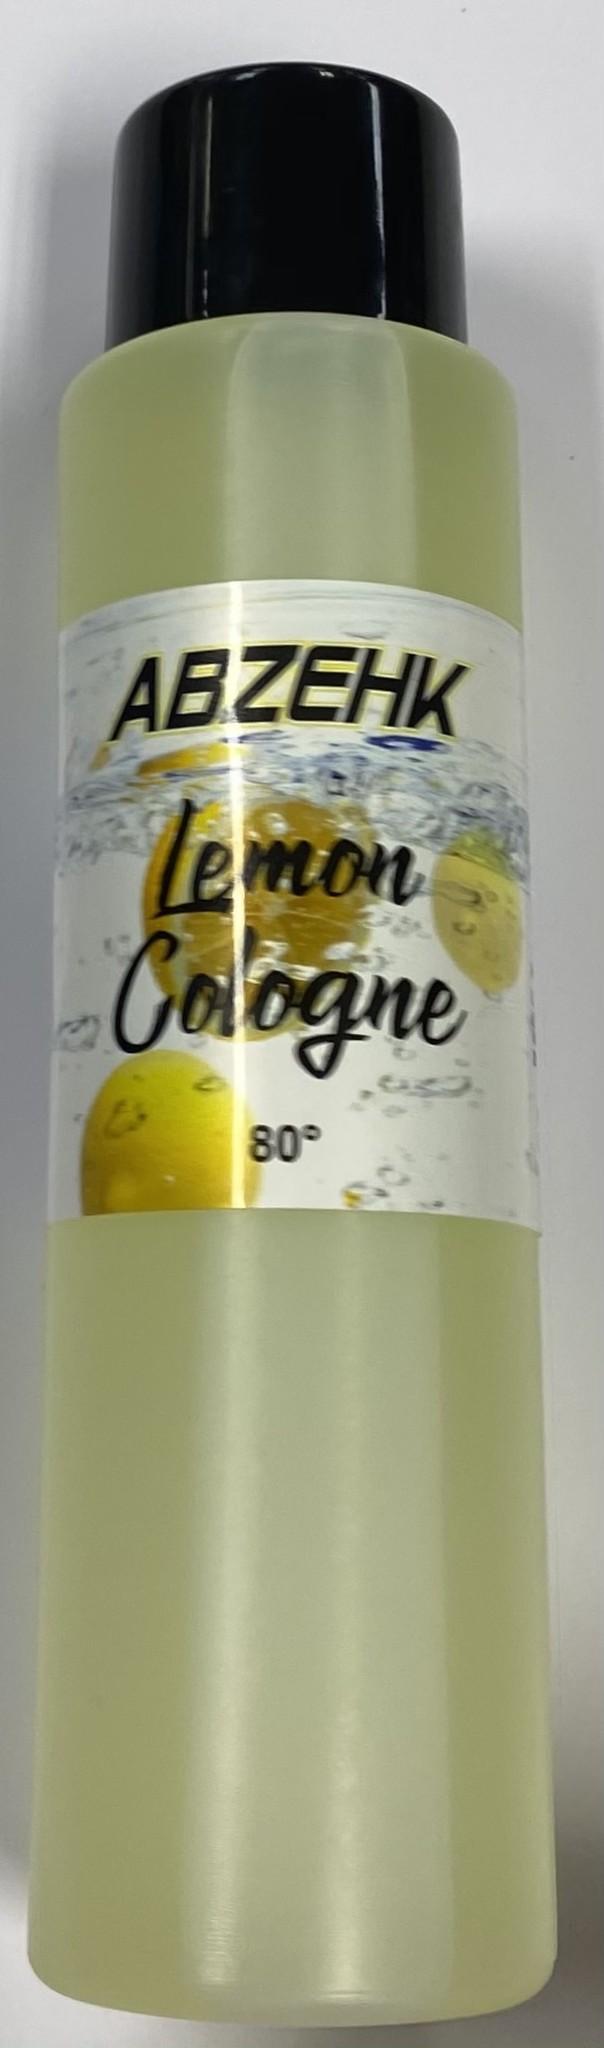 Image of Abzehk Abzehk Eau De Cologne - Lemon 250ml